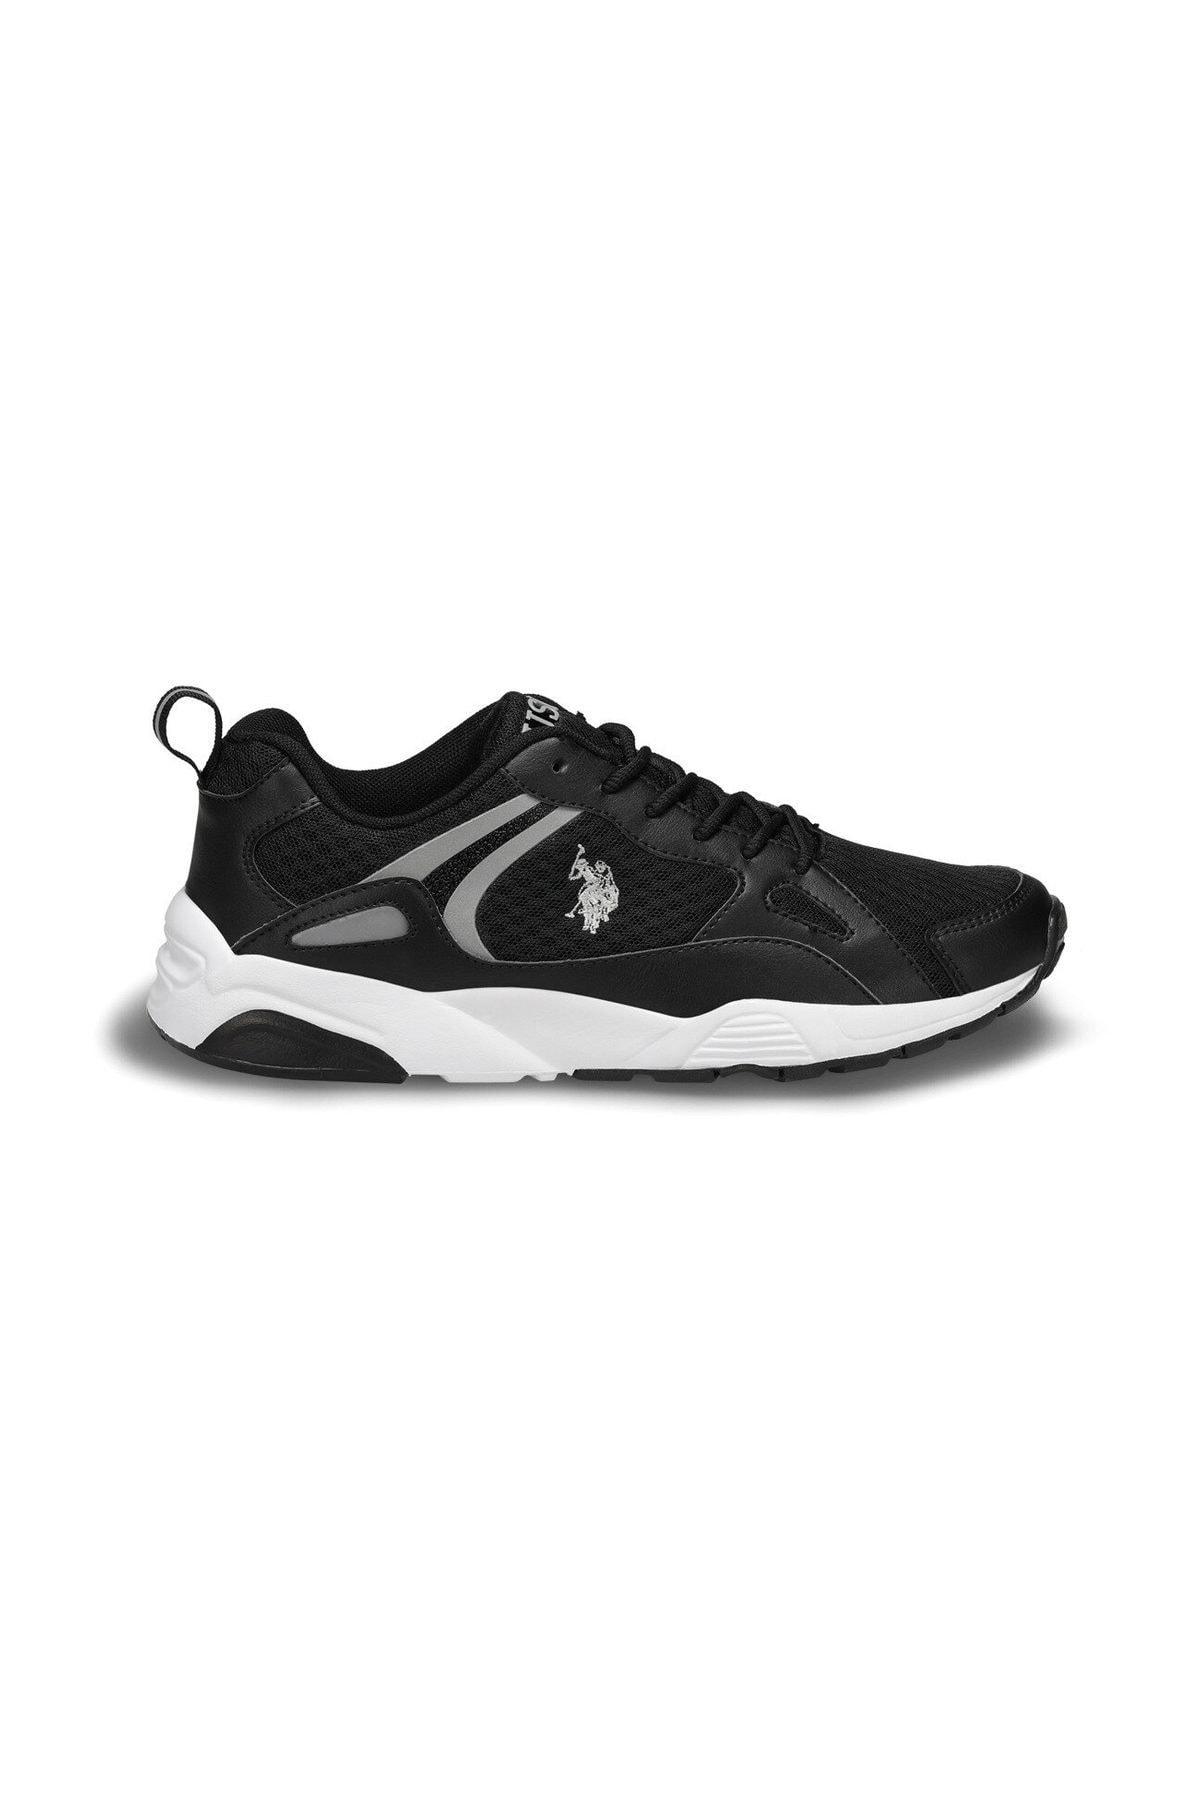 U.S. Polo Assn. BERLINGO Siyah Erkek Sneaker Ayakkabı 100489325 2